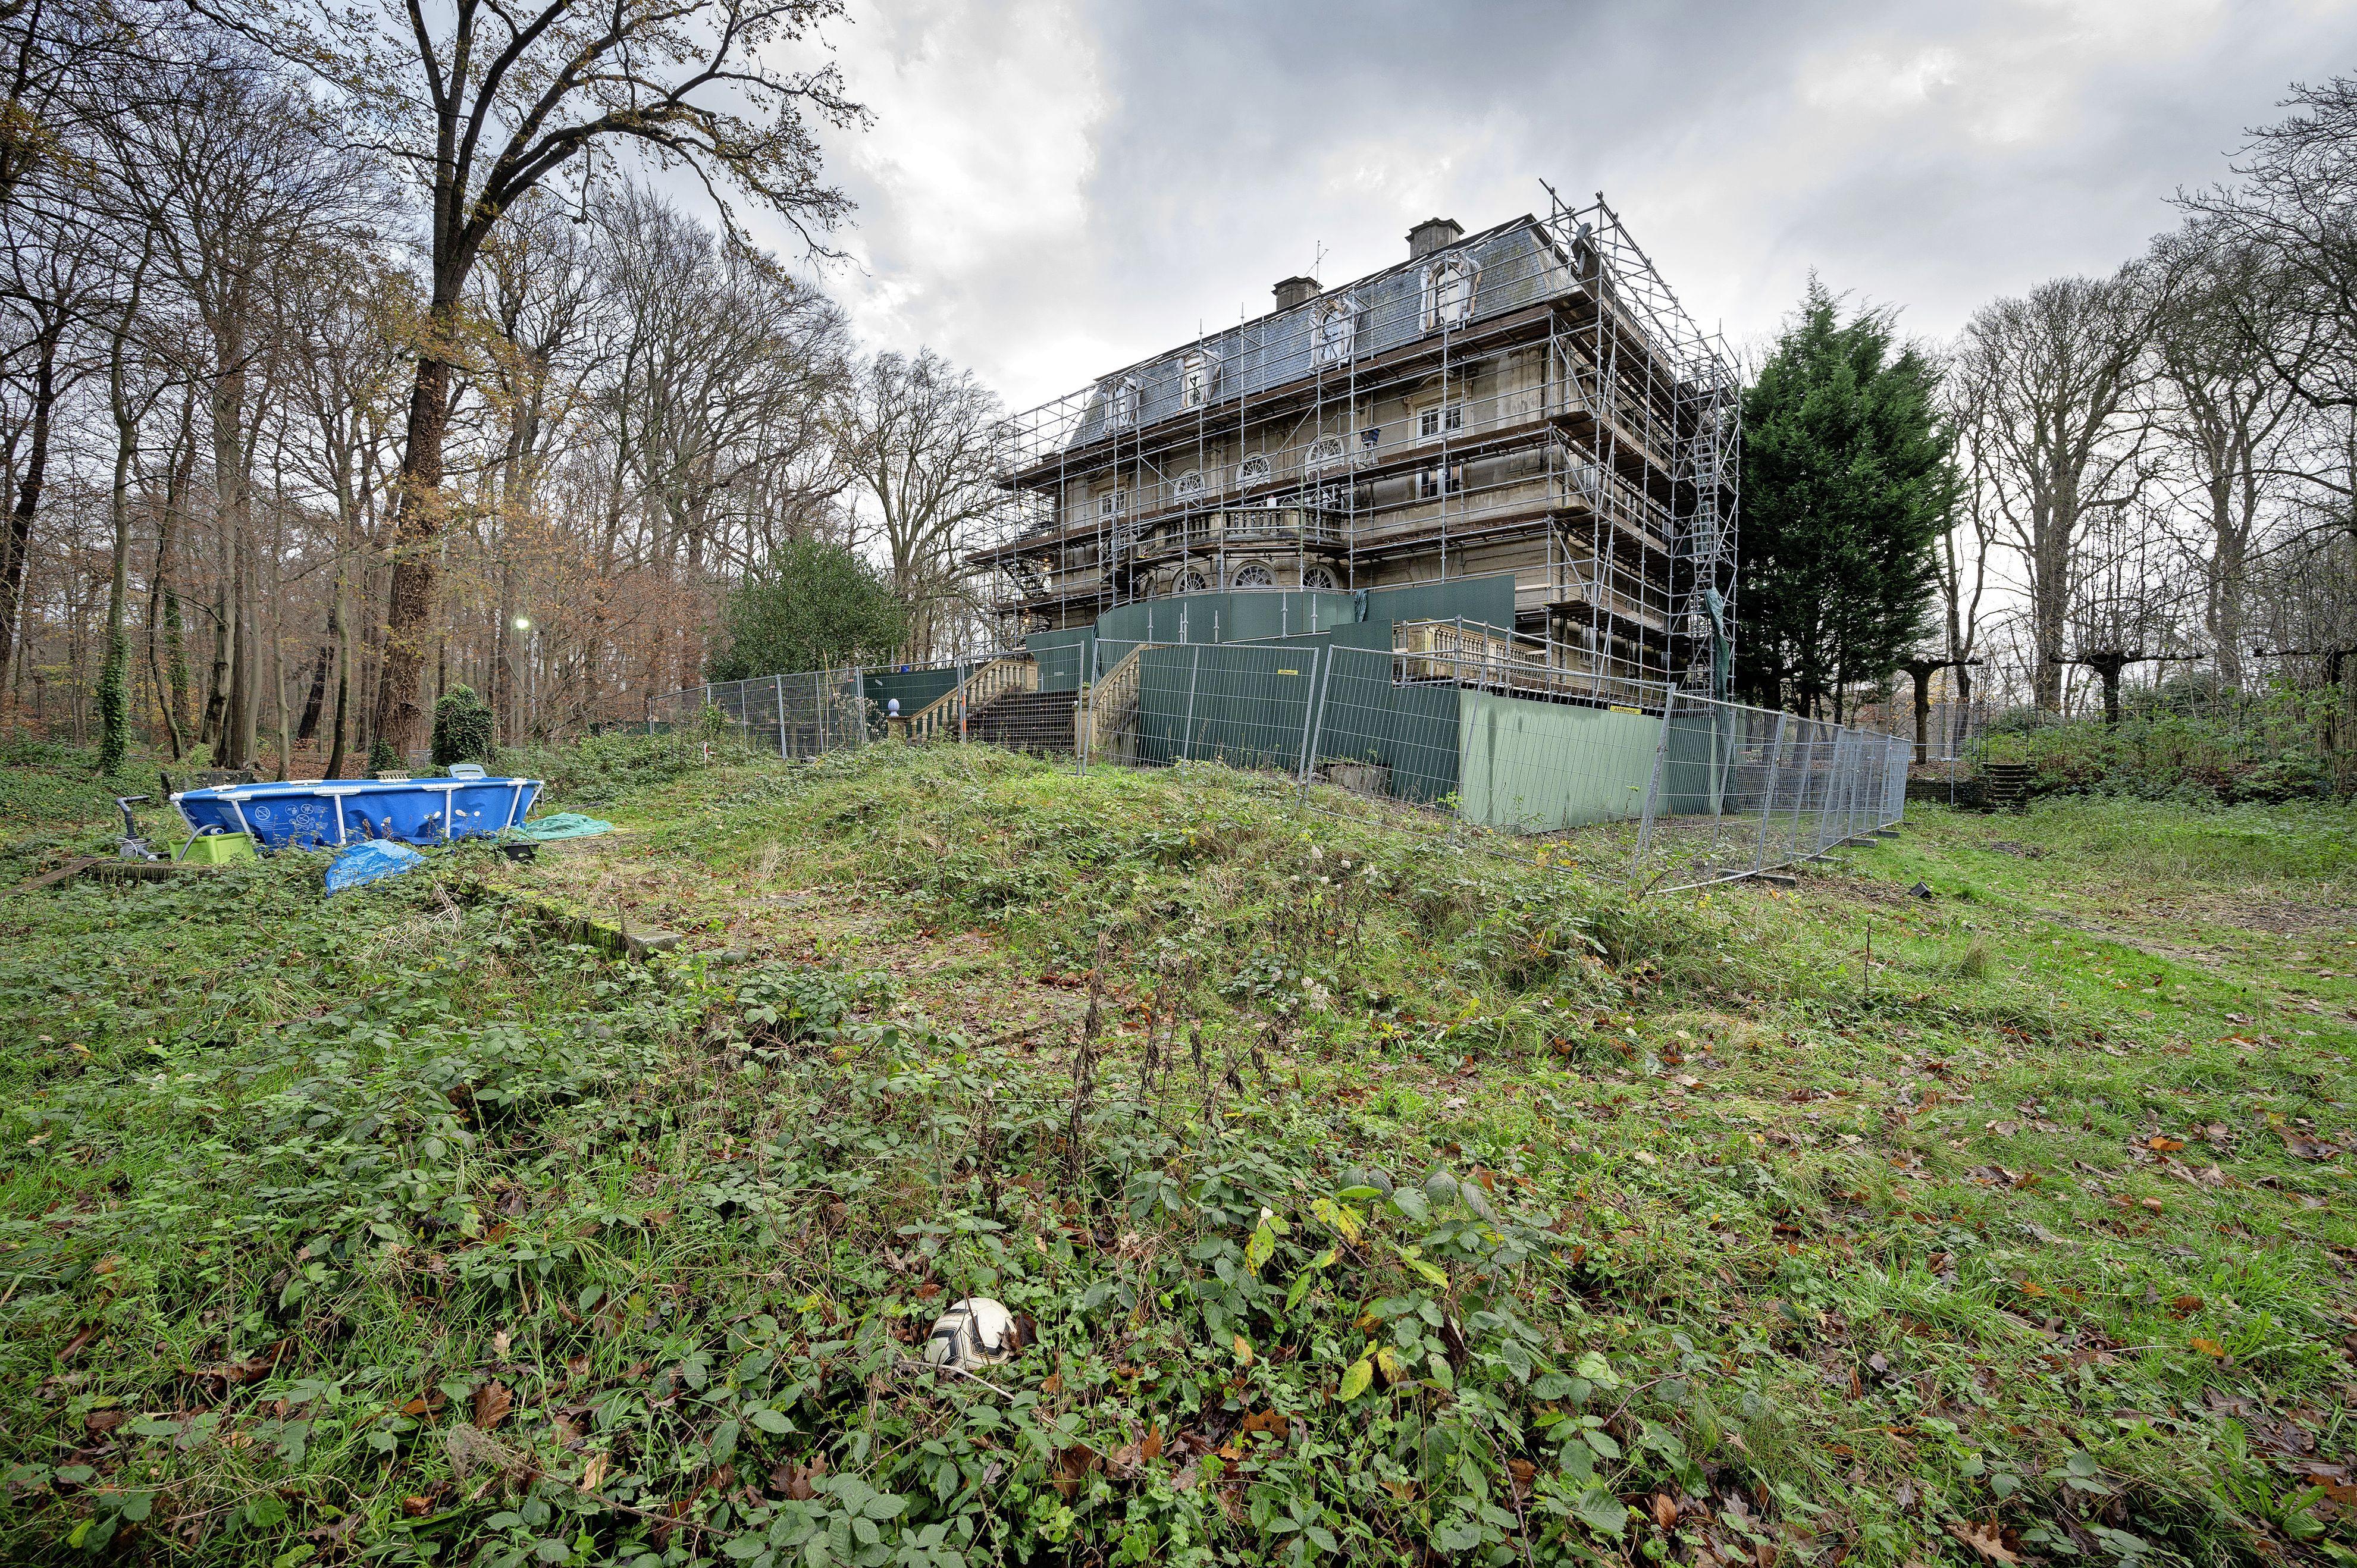 Wassenaar redt Huize Ivicke van de ondergang; nu nog de rekening door eigenaar Van de Putte betaald zien te krijgen